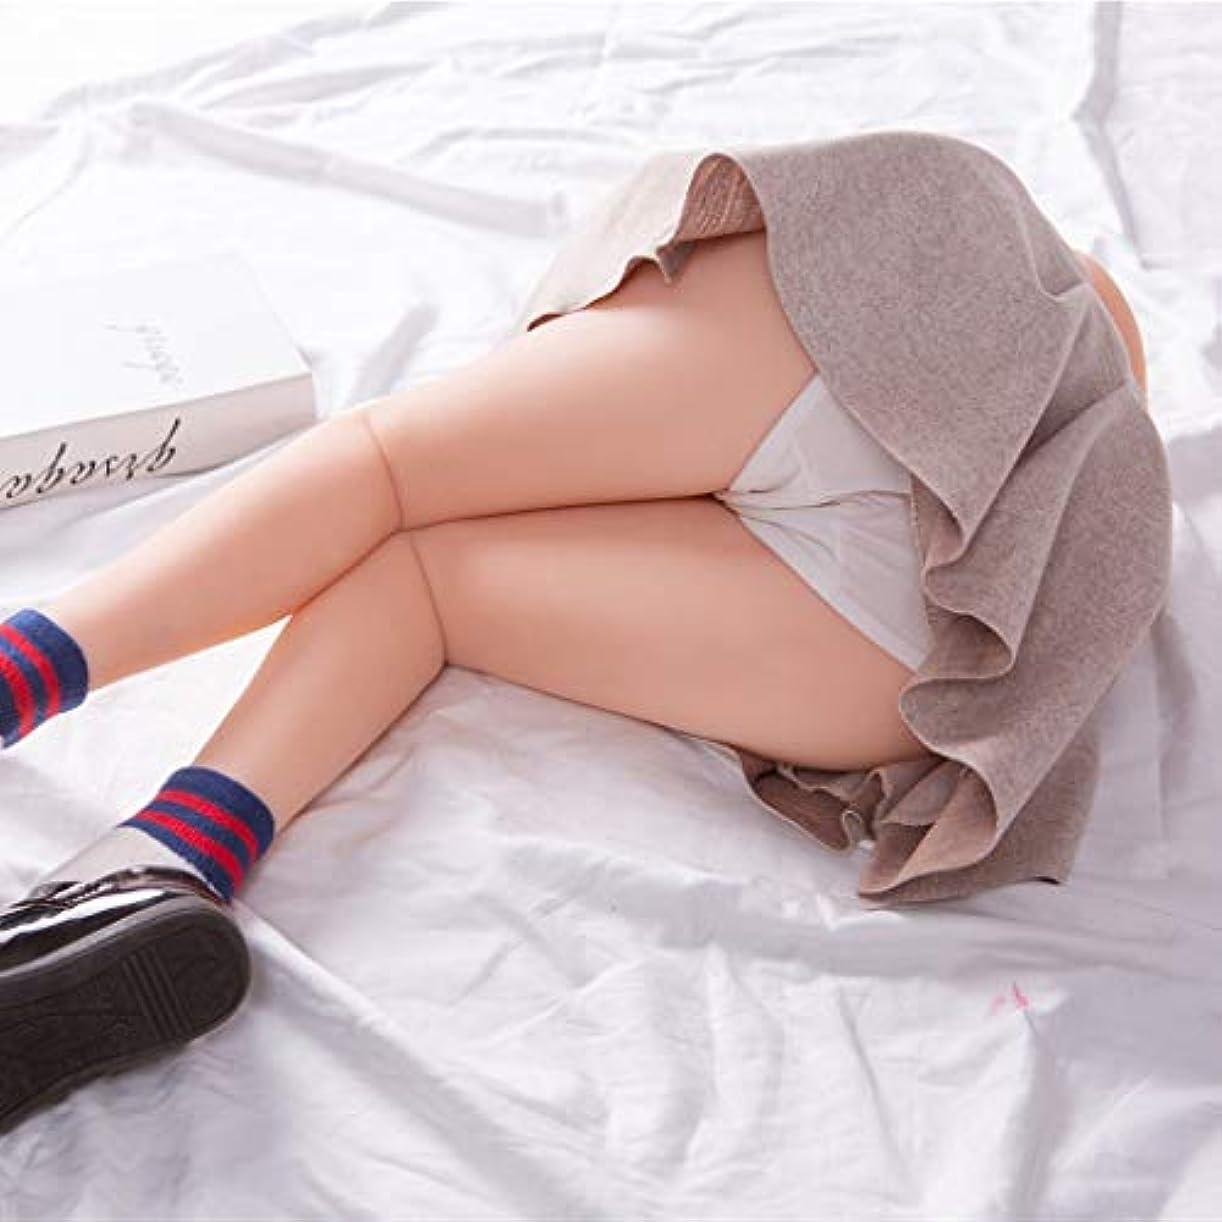 意志ストローク意味2エントリカップ柔らかいシリコーン、リアルな柔らかいシリコーン人形下着メンズ男大人のおもちゃ、ベストギフト男性カップルと男性のための素晴らしい3Dのリアルな人工おもちゃ (Size : 60cm)